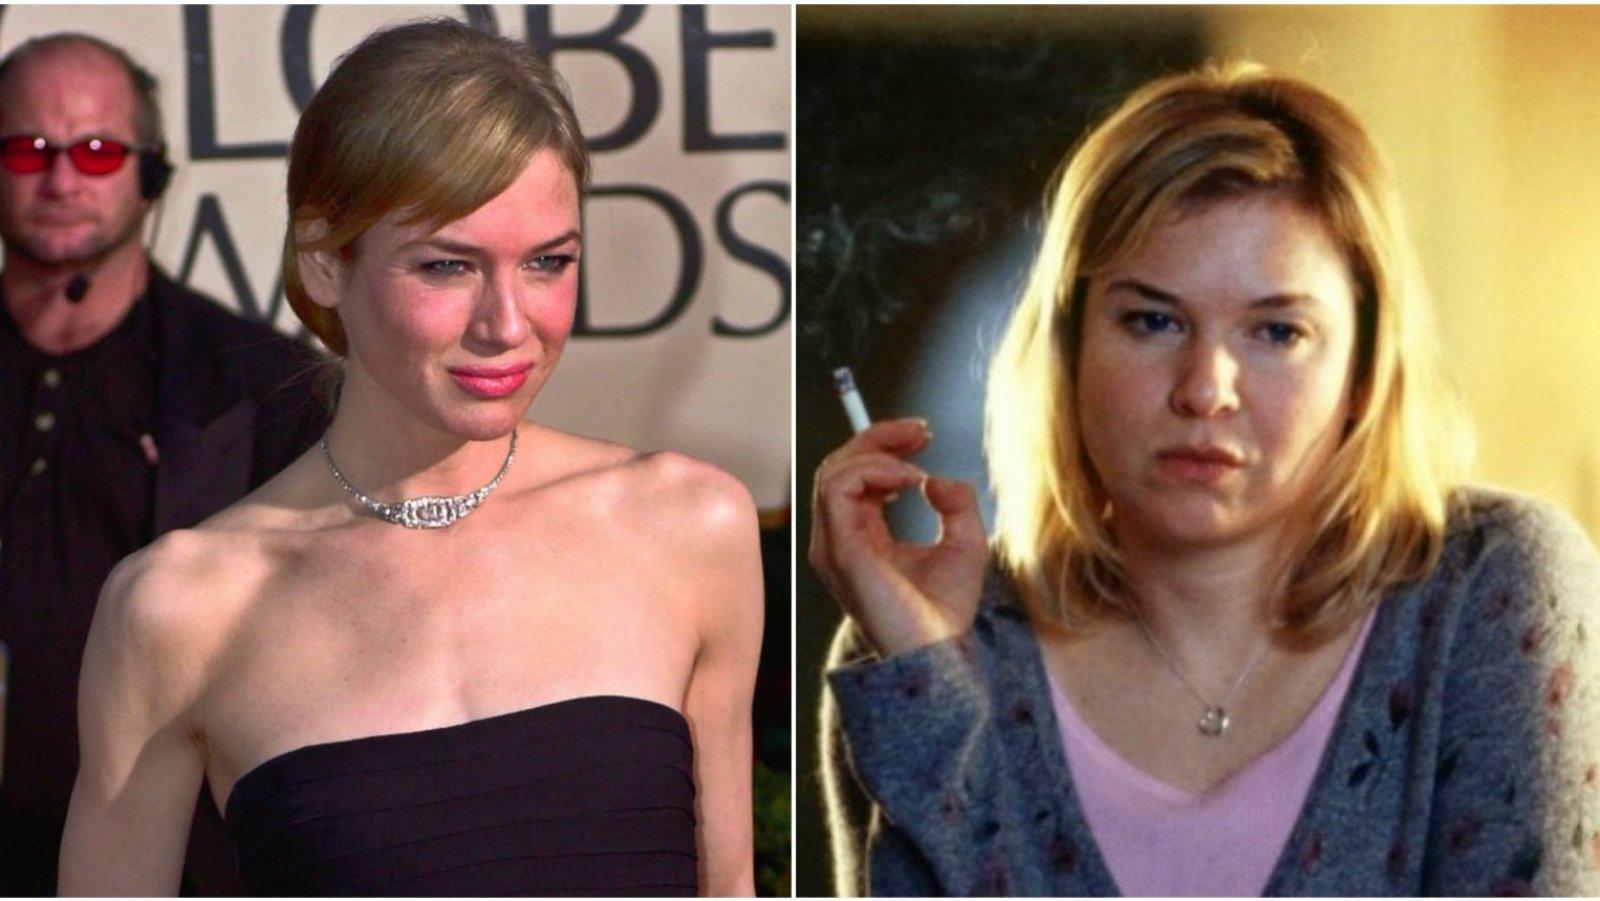 La actriz Renée Zellweger adelgazó mucho tras interpretar a Bridget Jones.